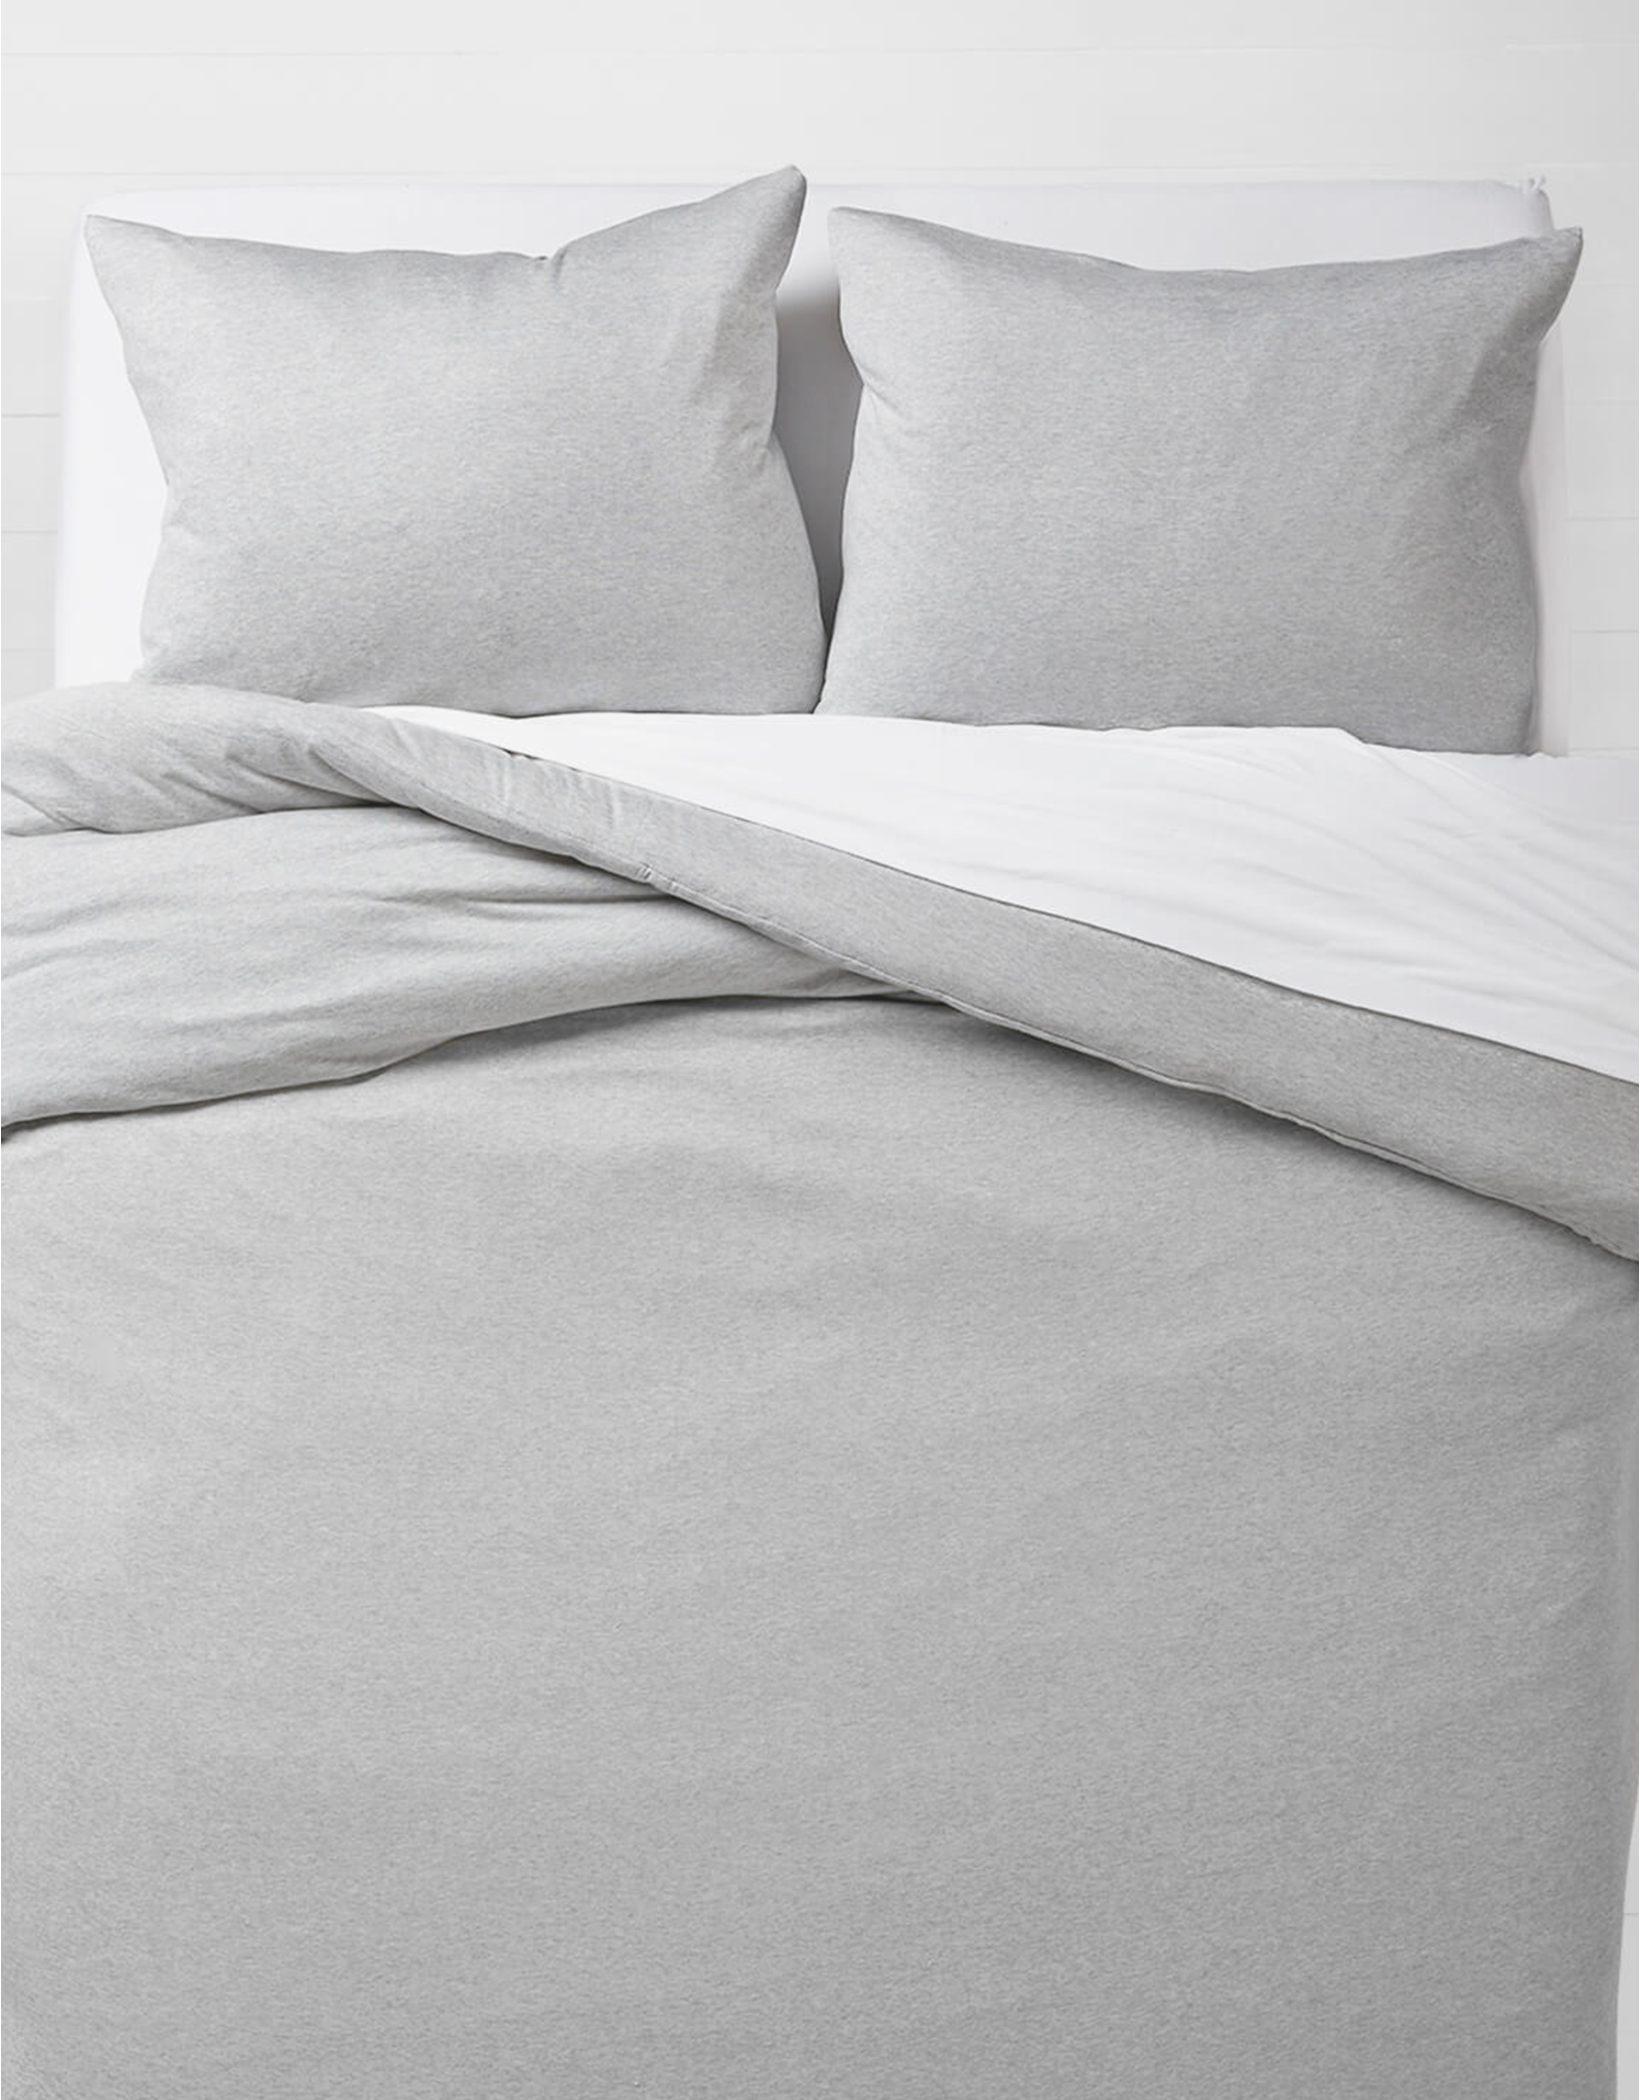 Dormify T-Shirt Jersey Twin XL Comforter & Sham Set